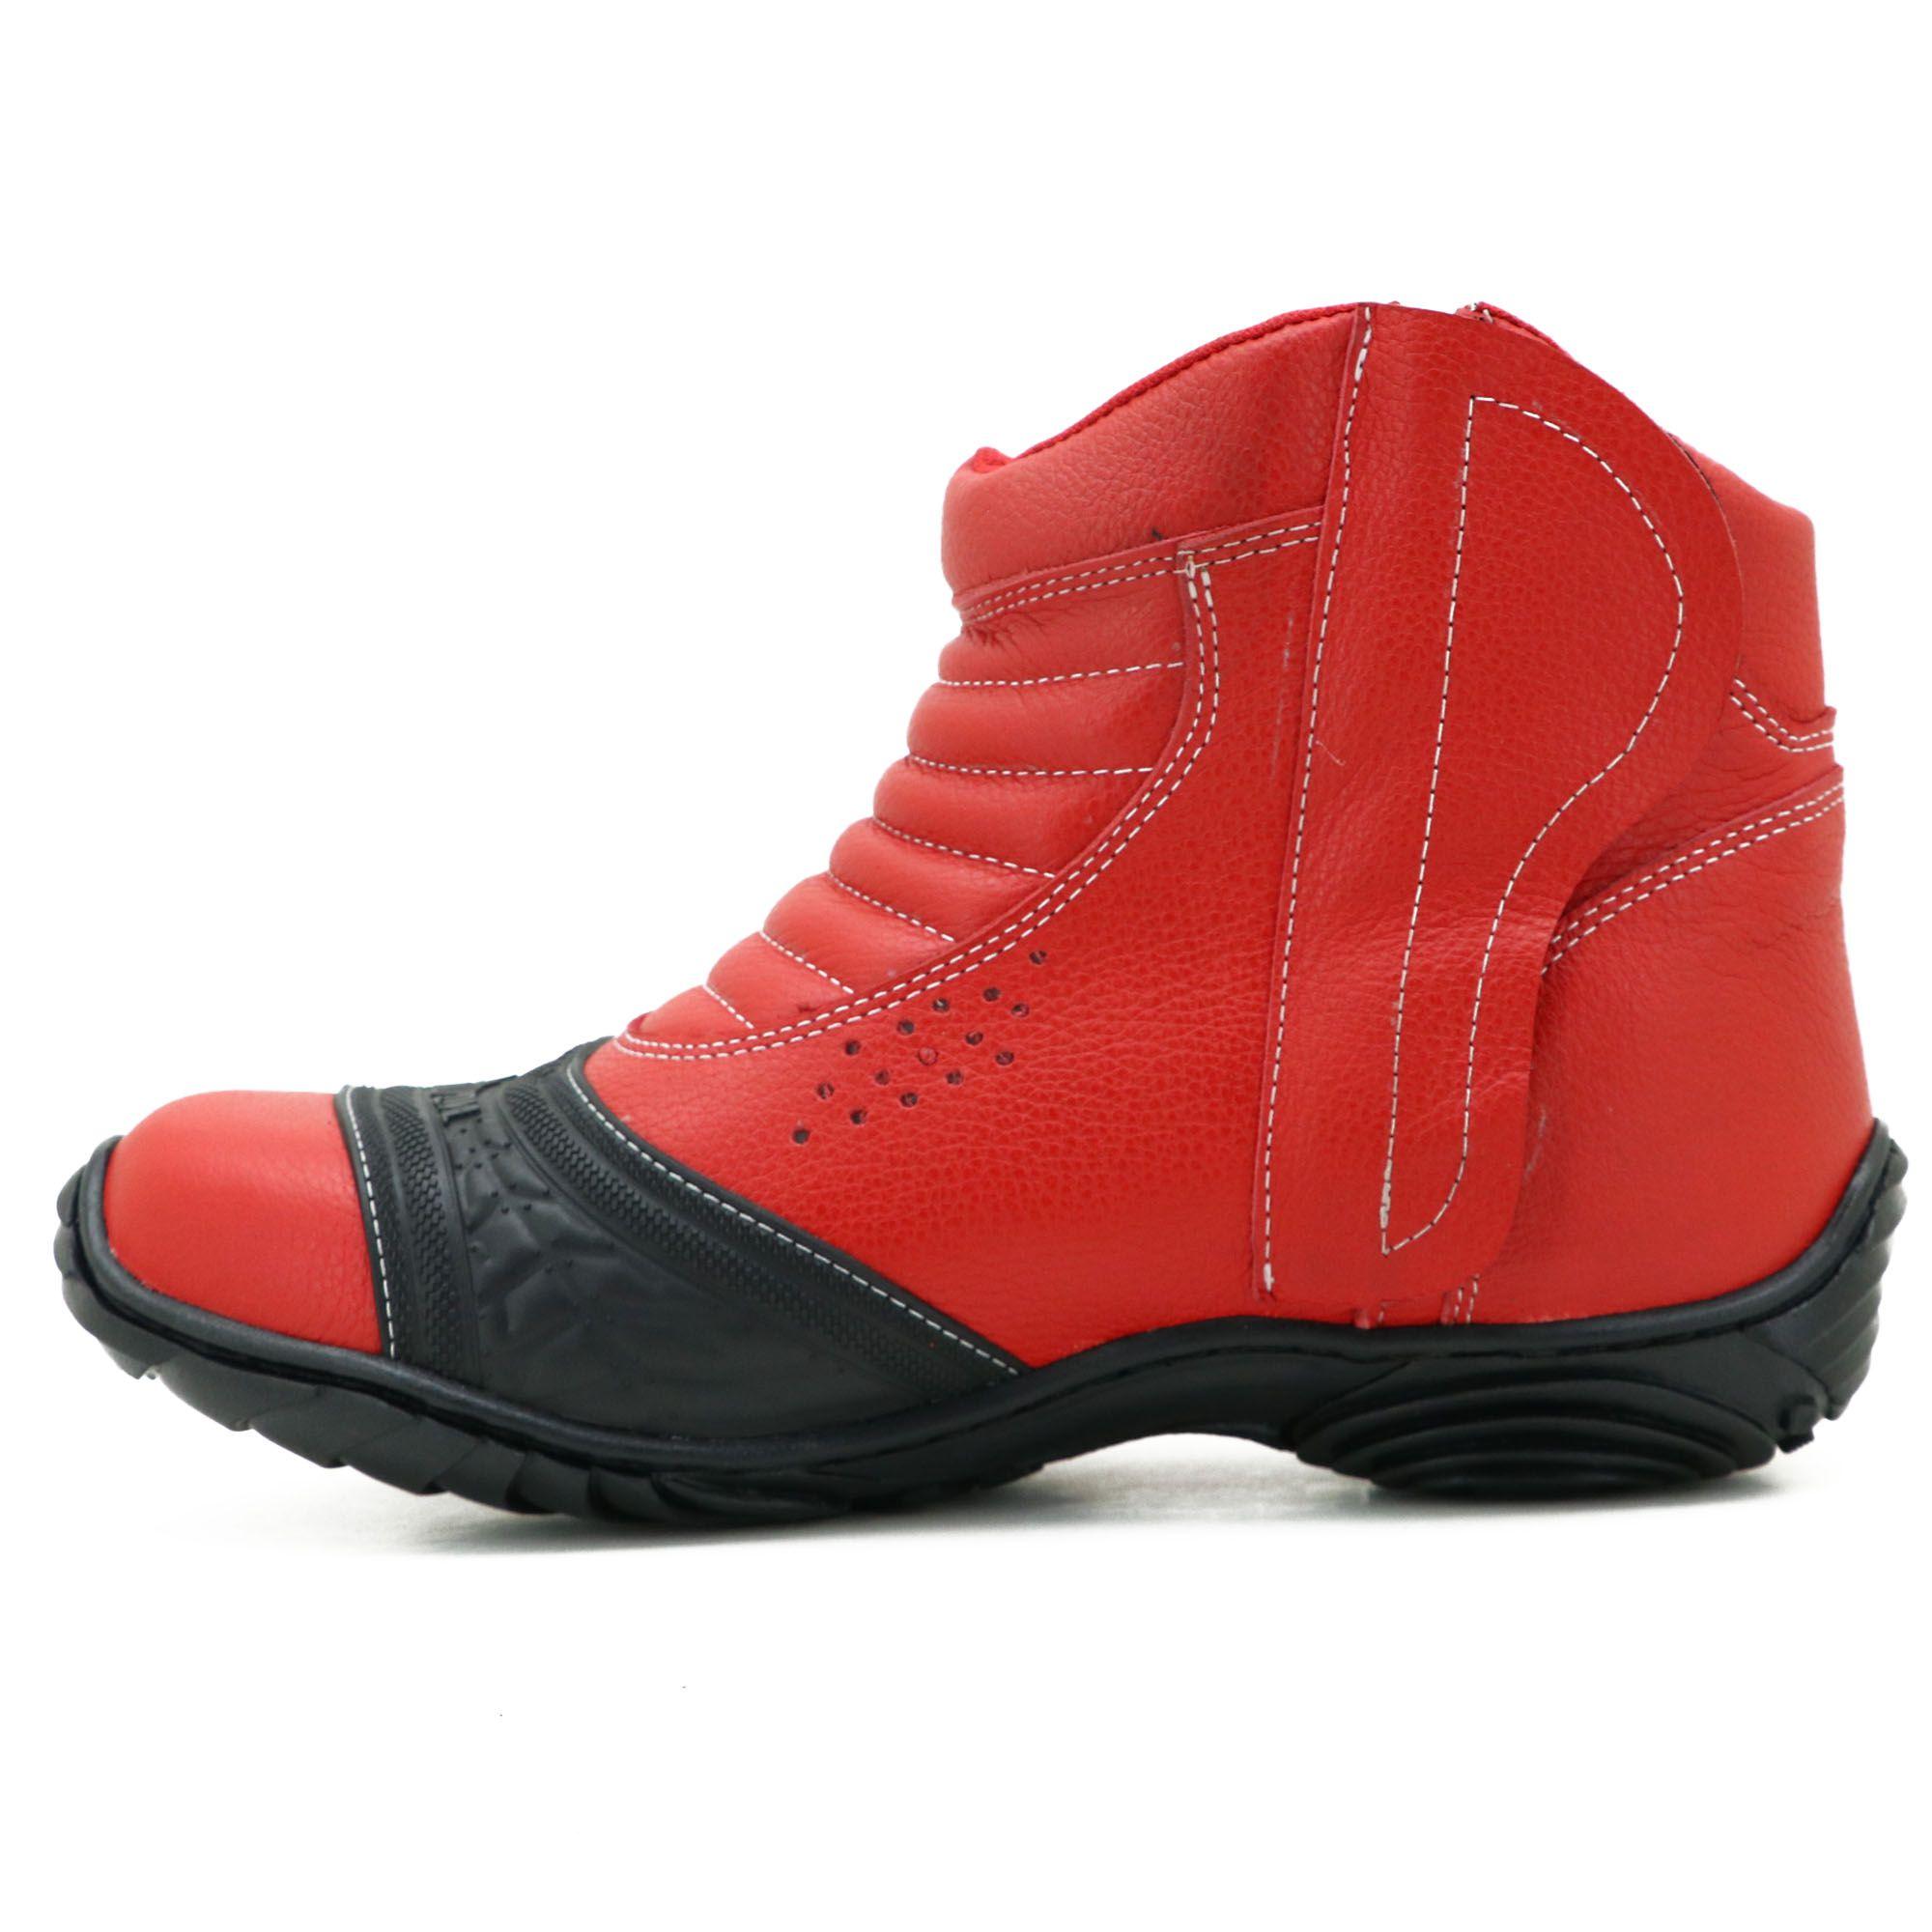 Bota para motociclista vermelha com borracha 283